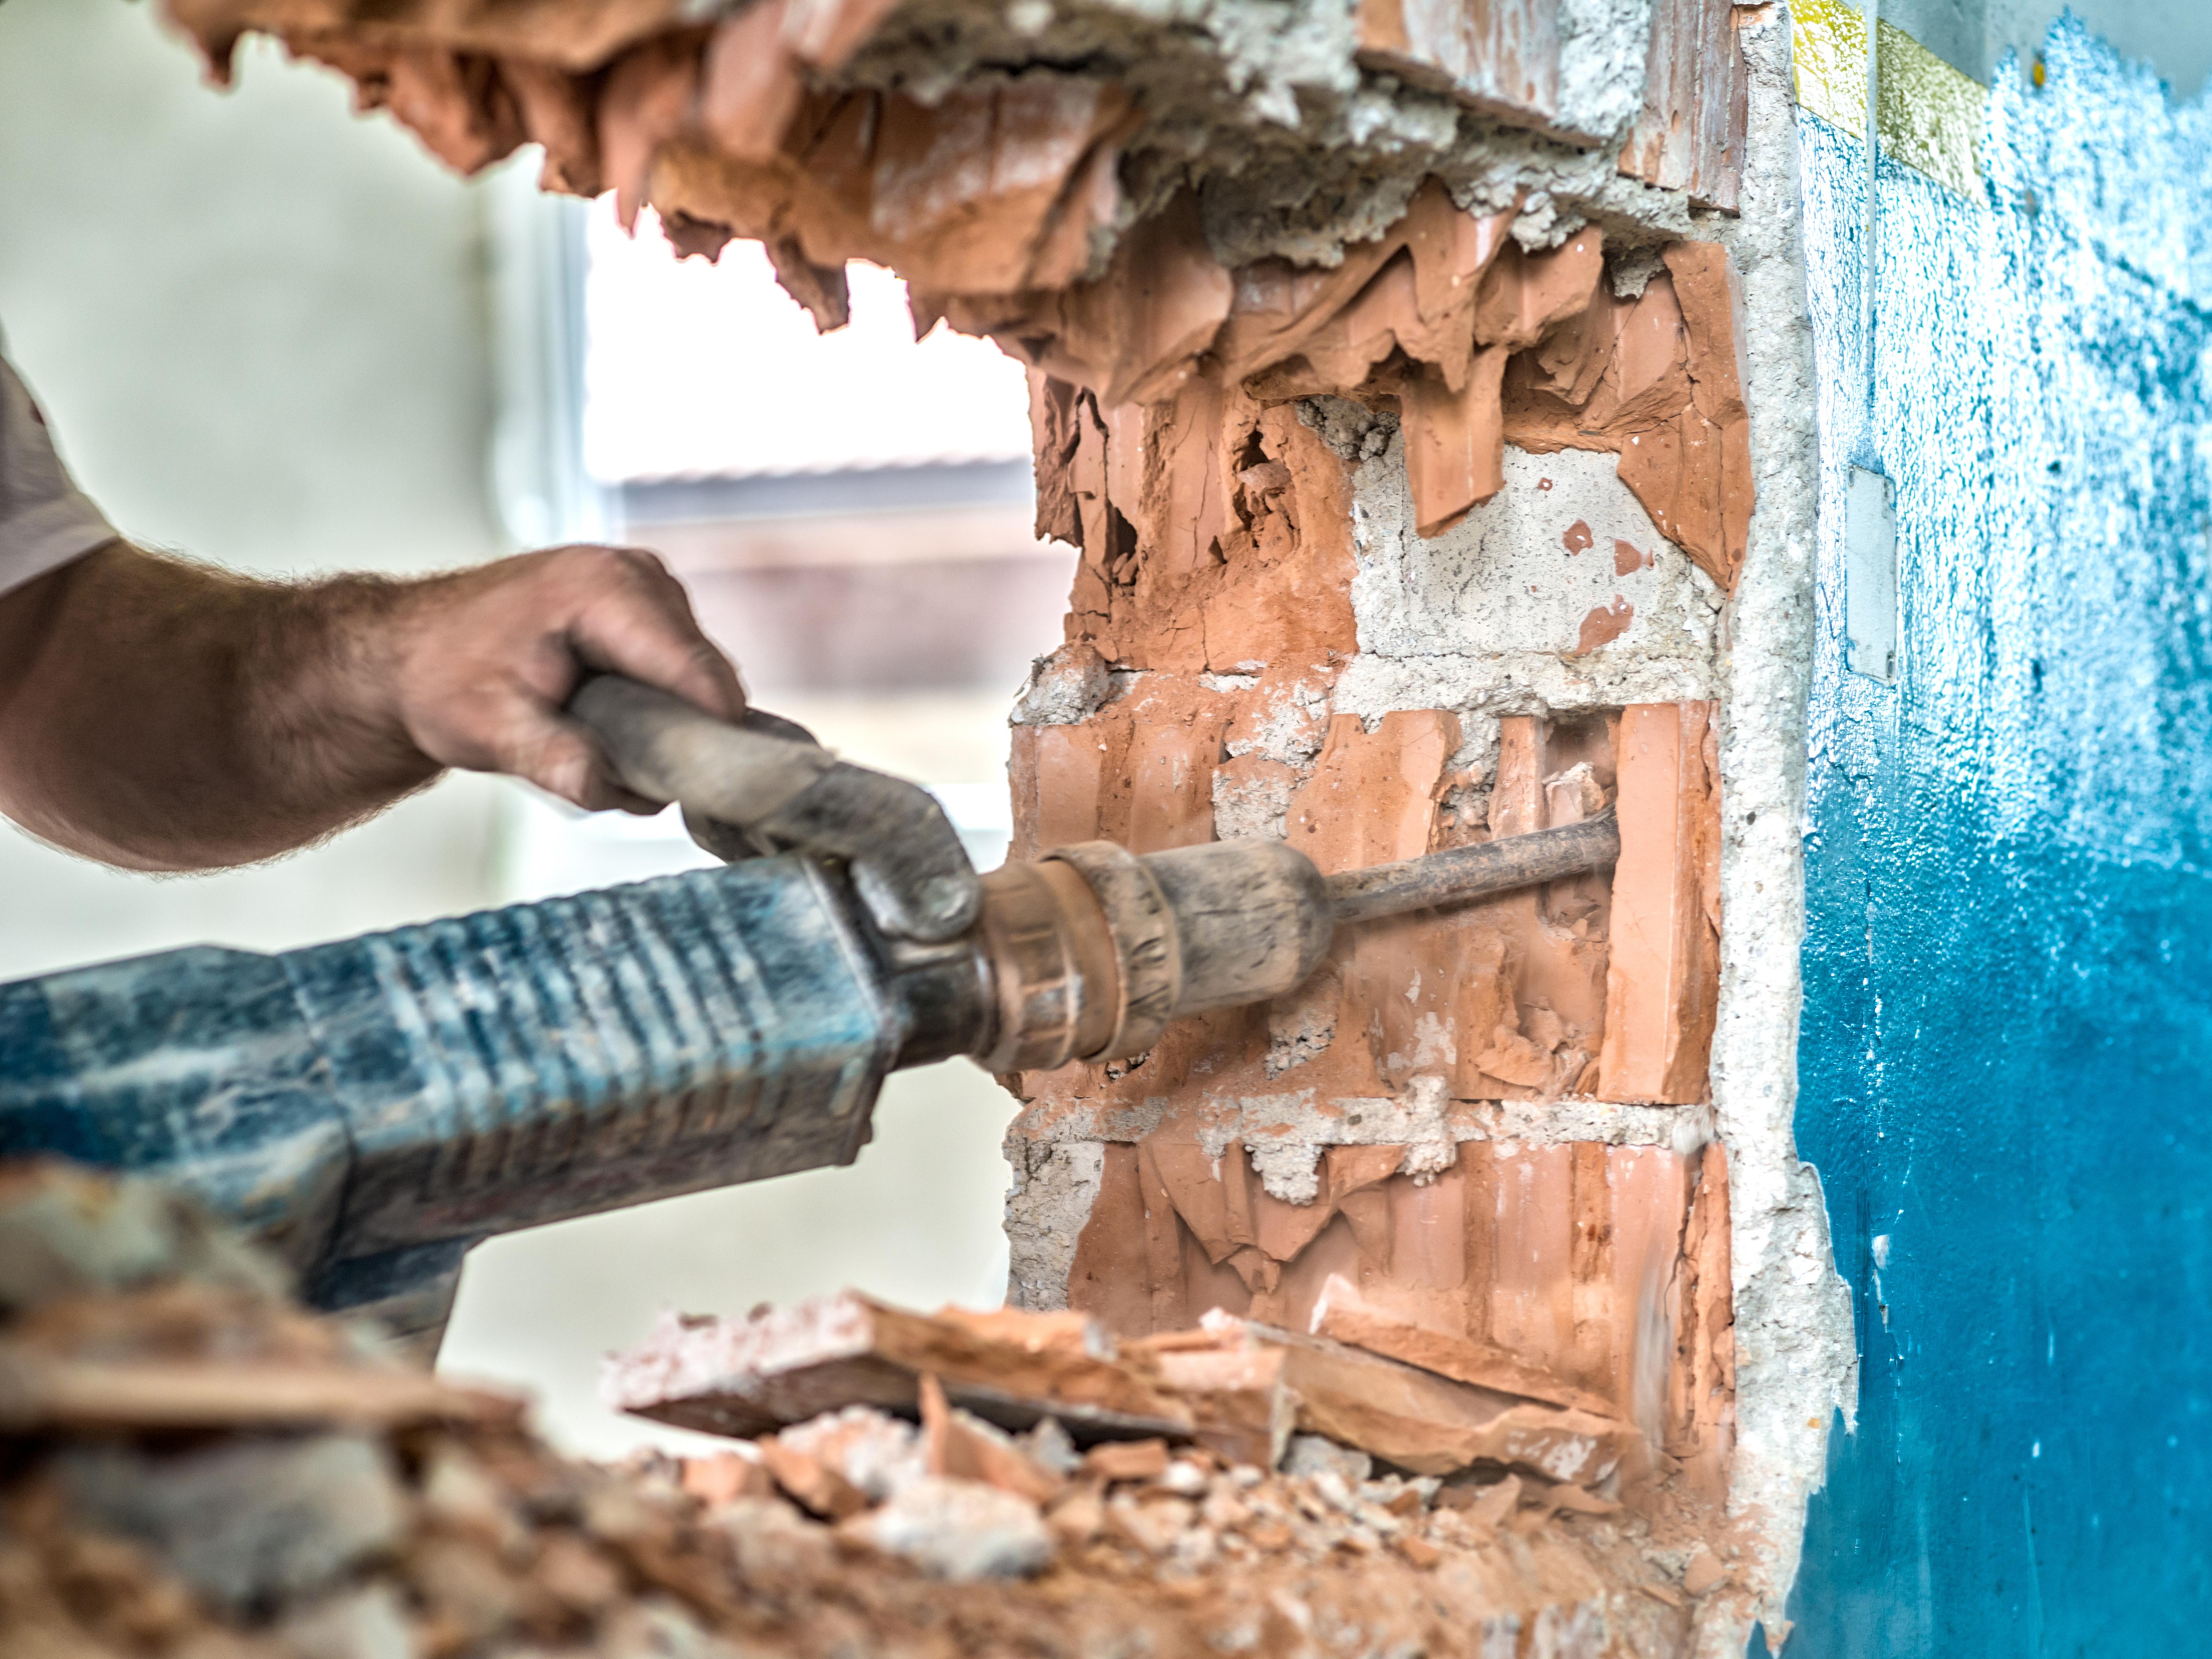 Bei Der Sanierung Eines Hauses Reicht Es Manchmal, Neu Zu Streichen Oder  Die Fußböden Auszutauschen. Manchmal Müssen Aber Auch Ganze Wände Raus.